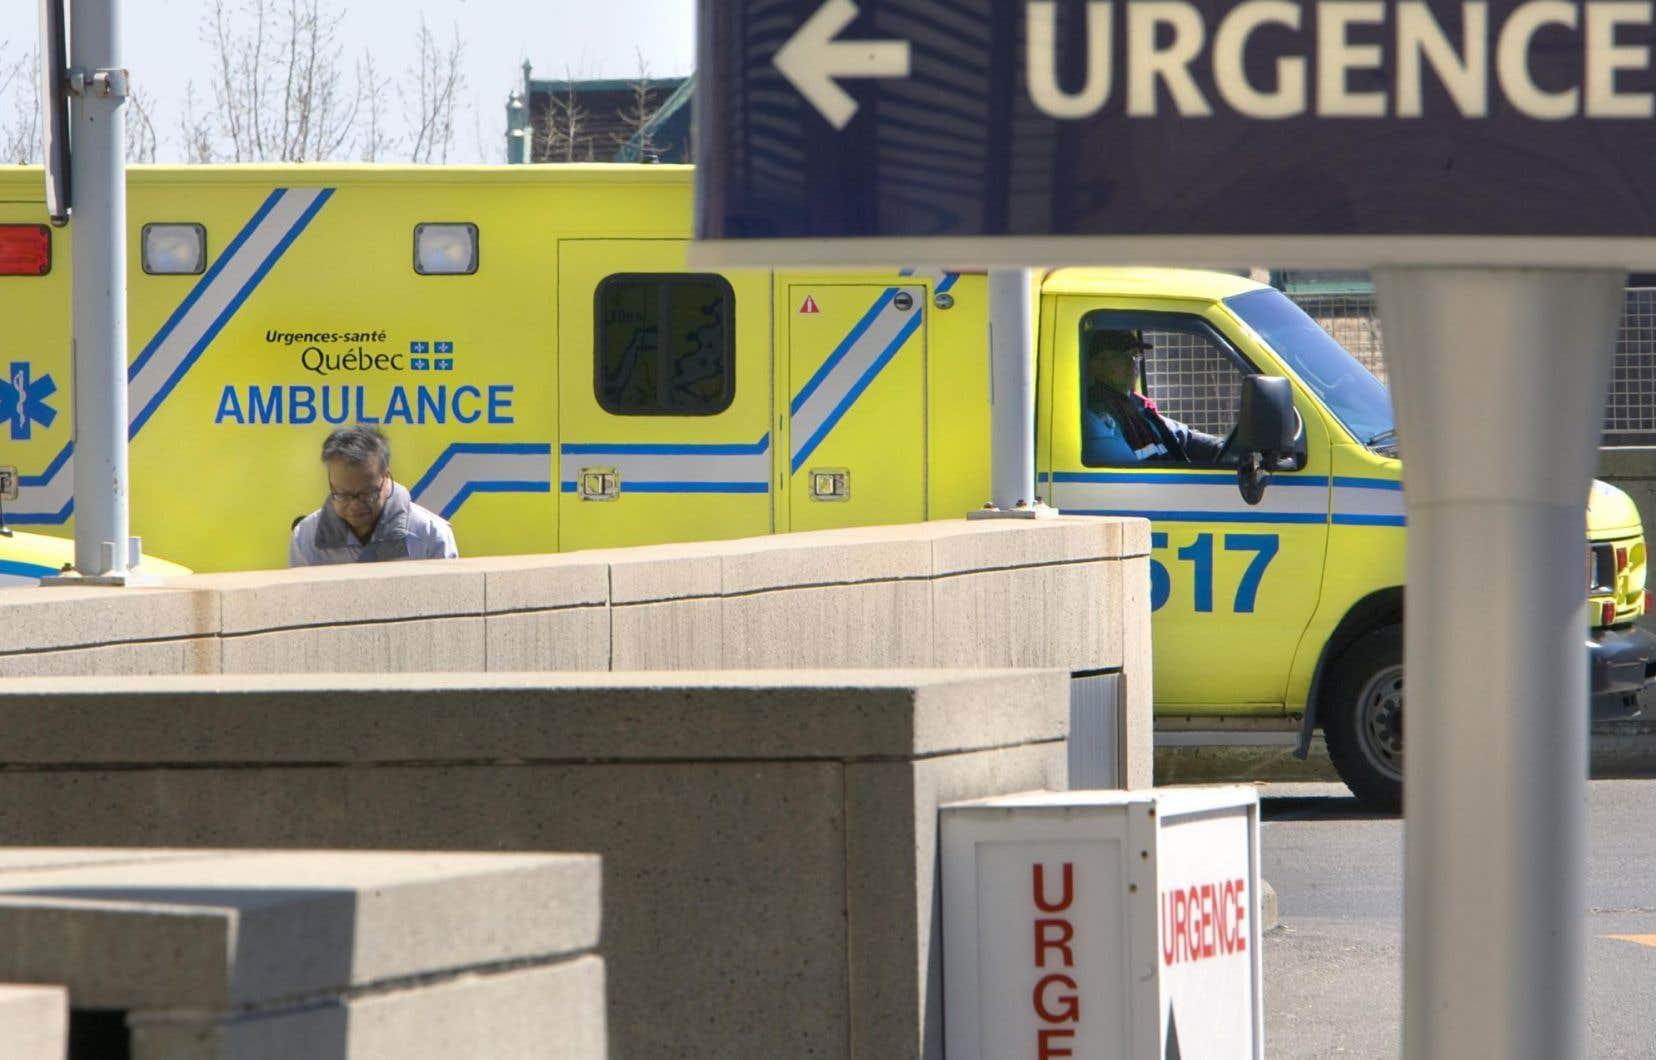 Les autorités ont fait le choix de ne pas évacuer l'hôpital au complet, notamment en raison de sa configuration, l'urgence étant séparée du reste de l'institution.